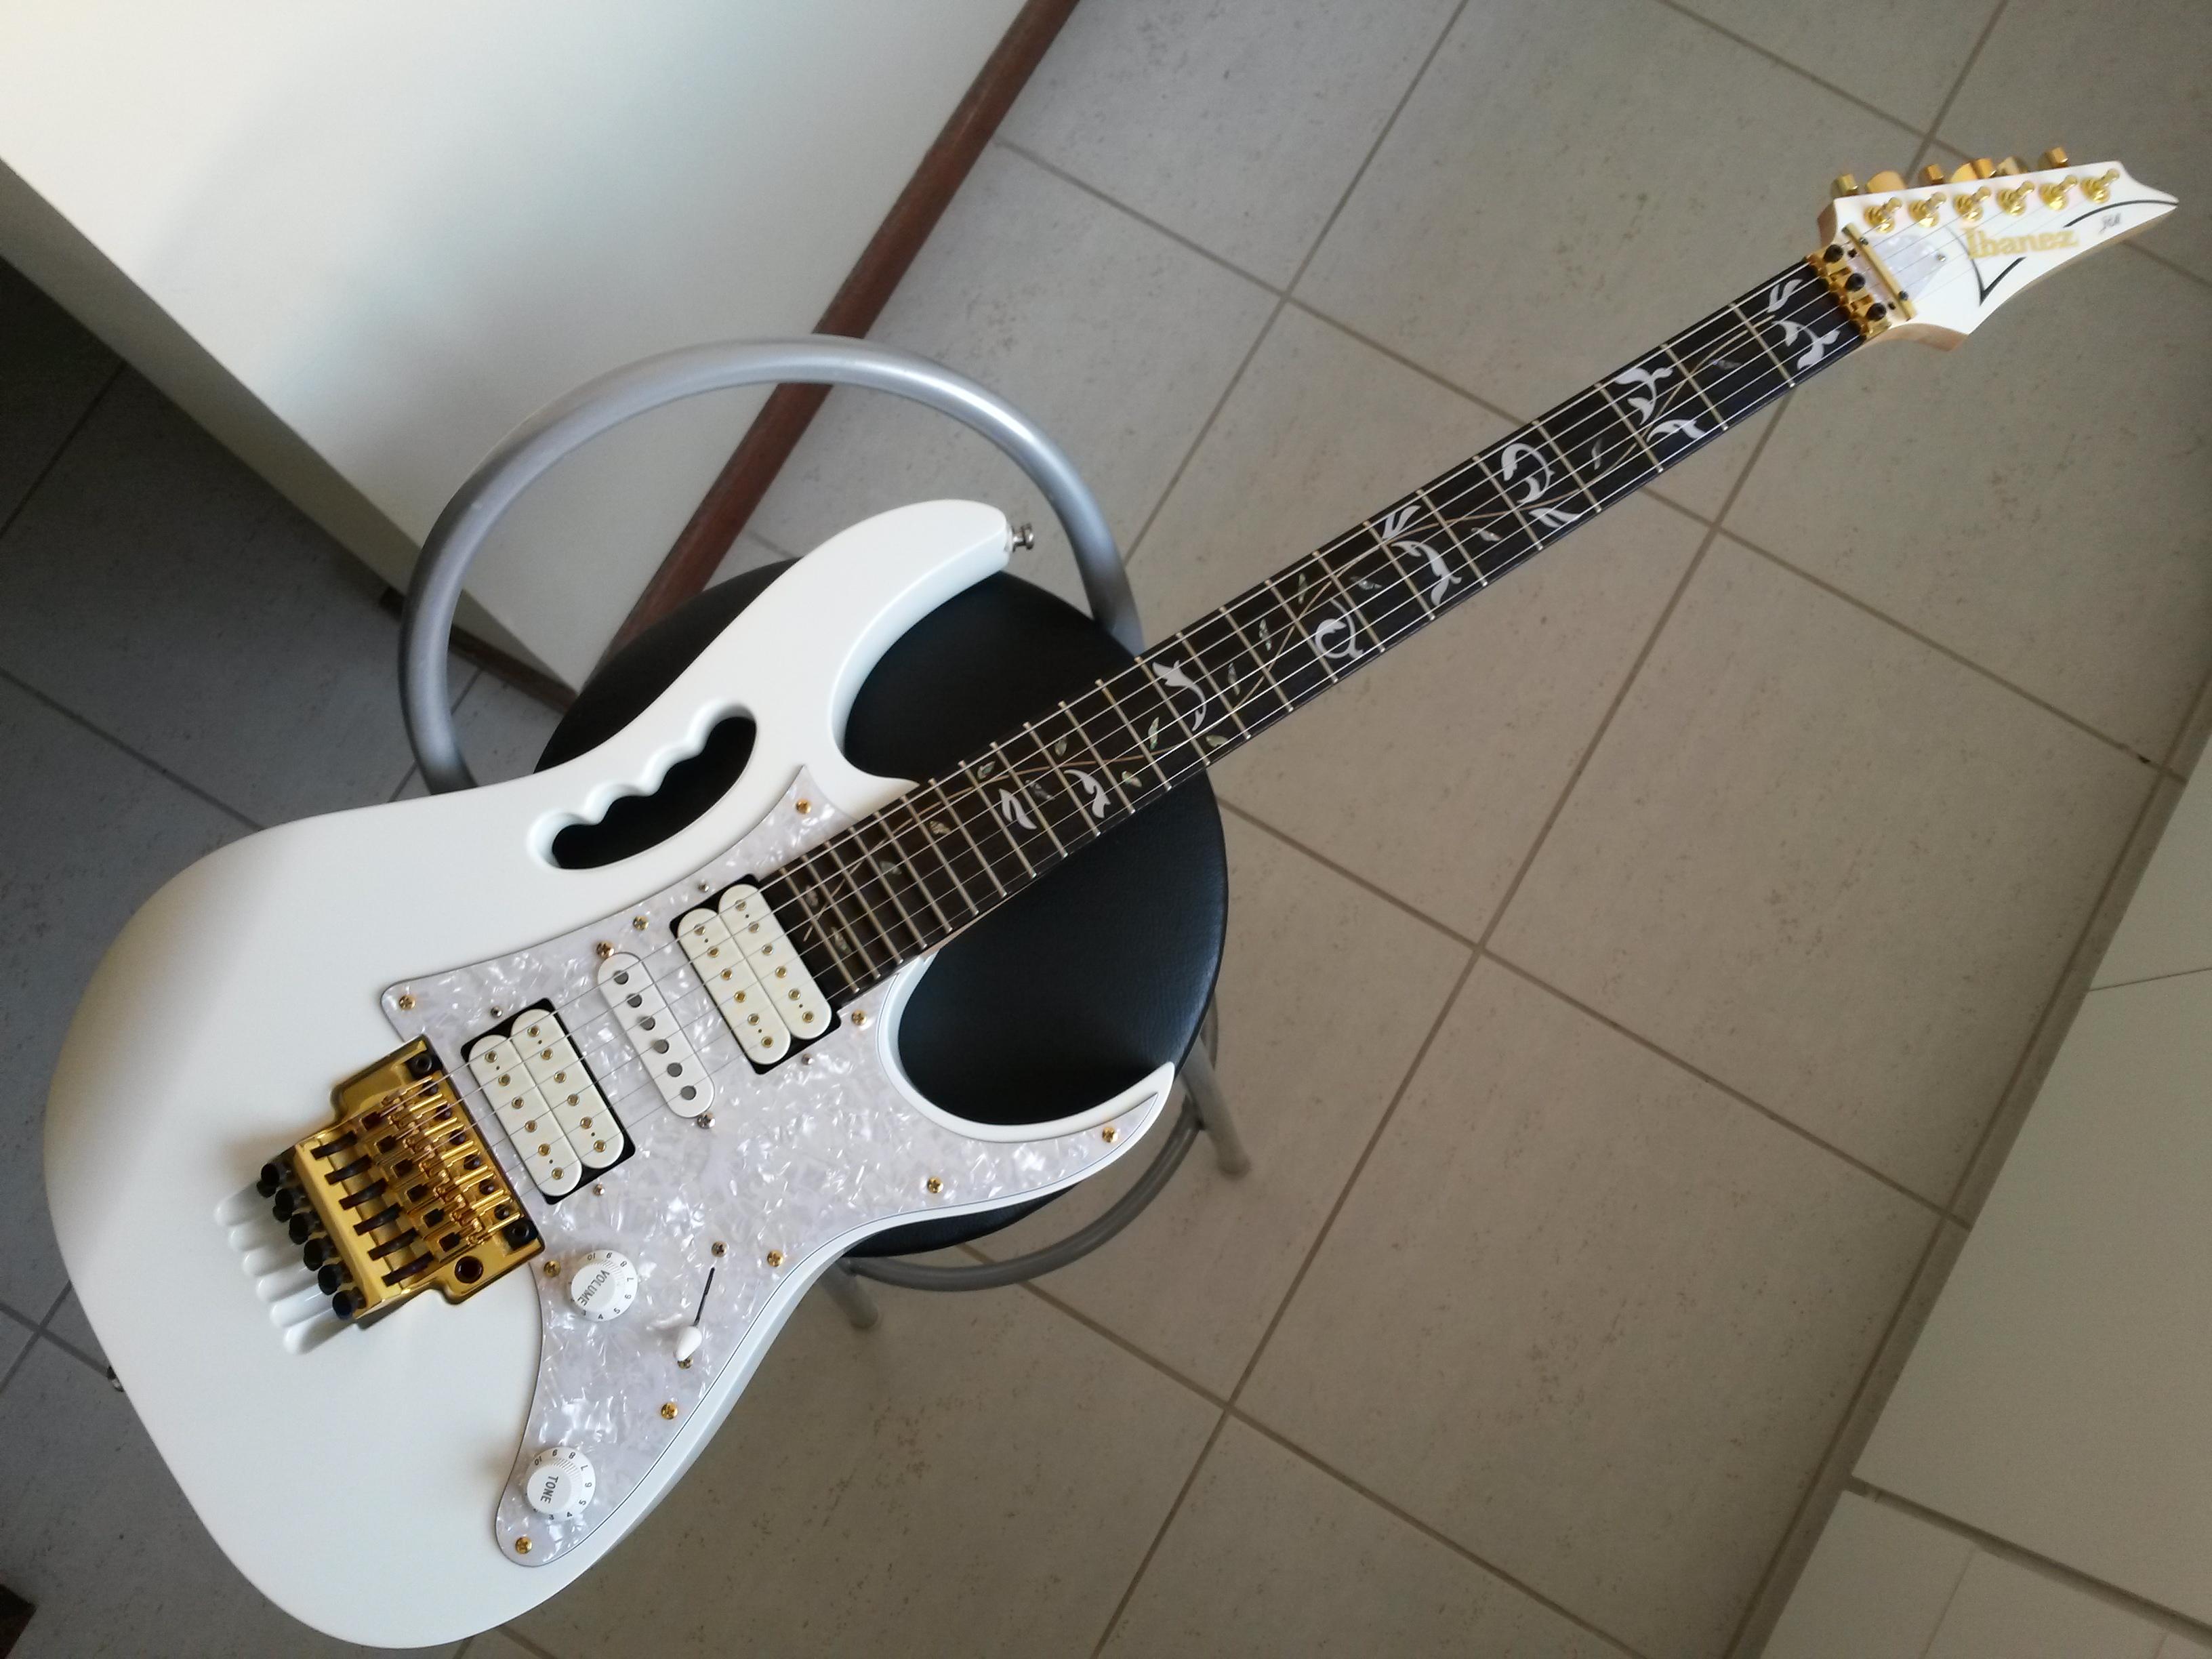 Guitar Build Kit Review